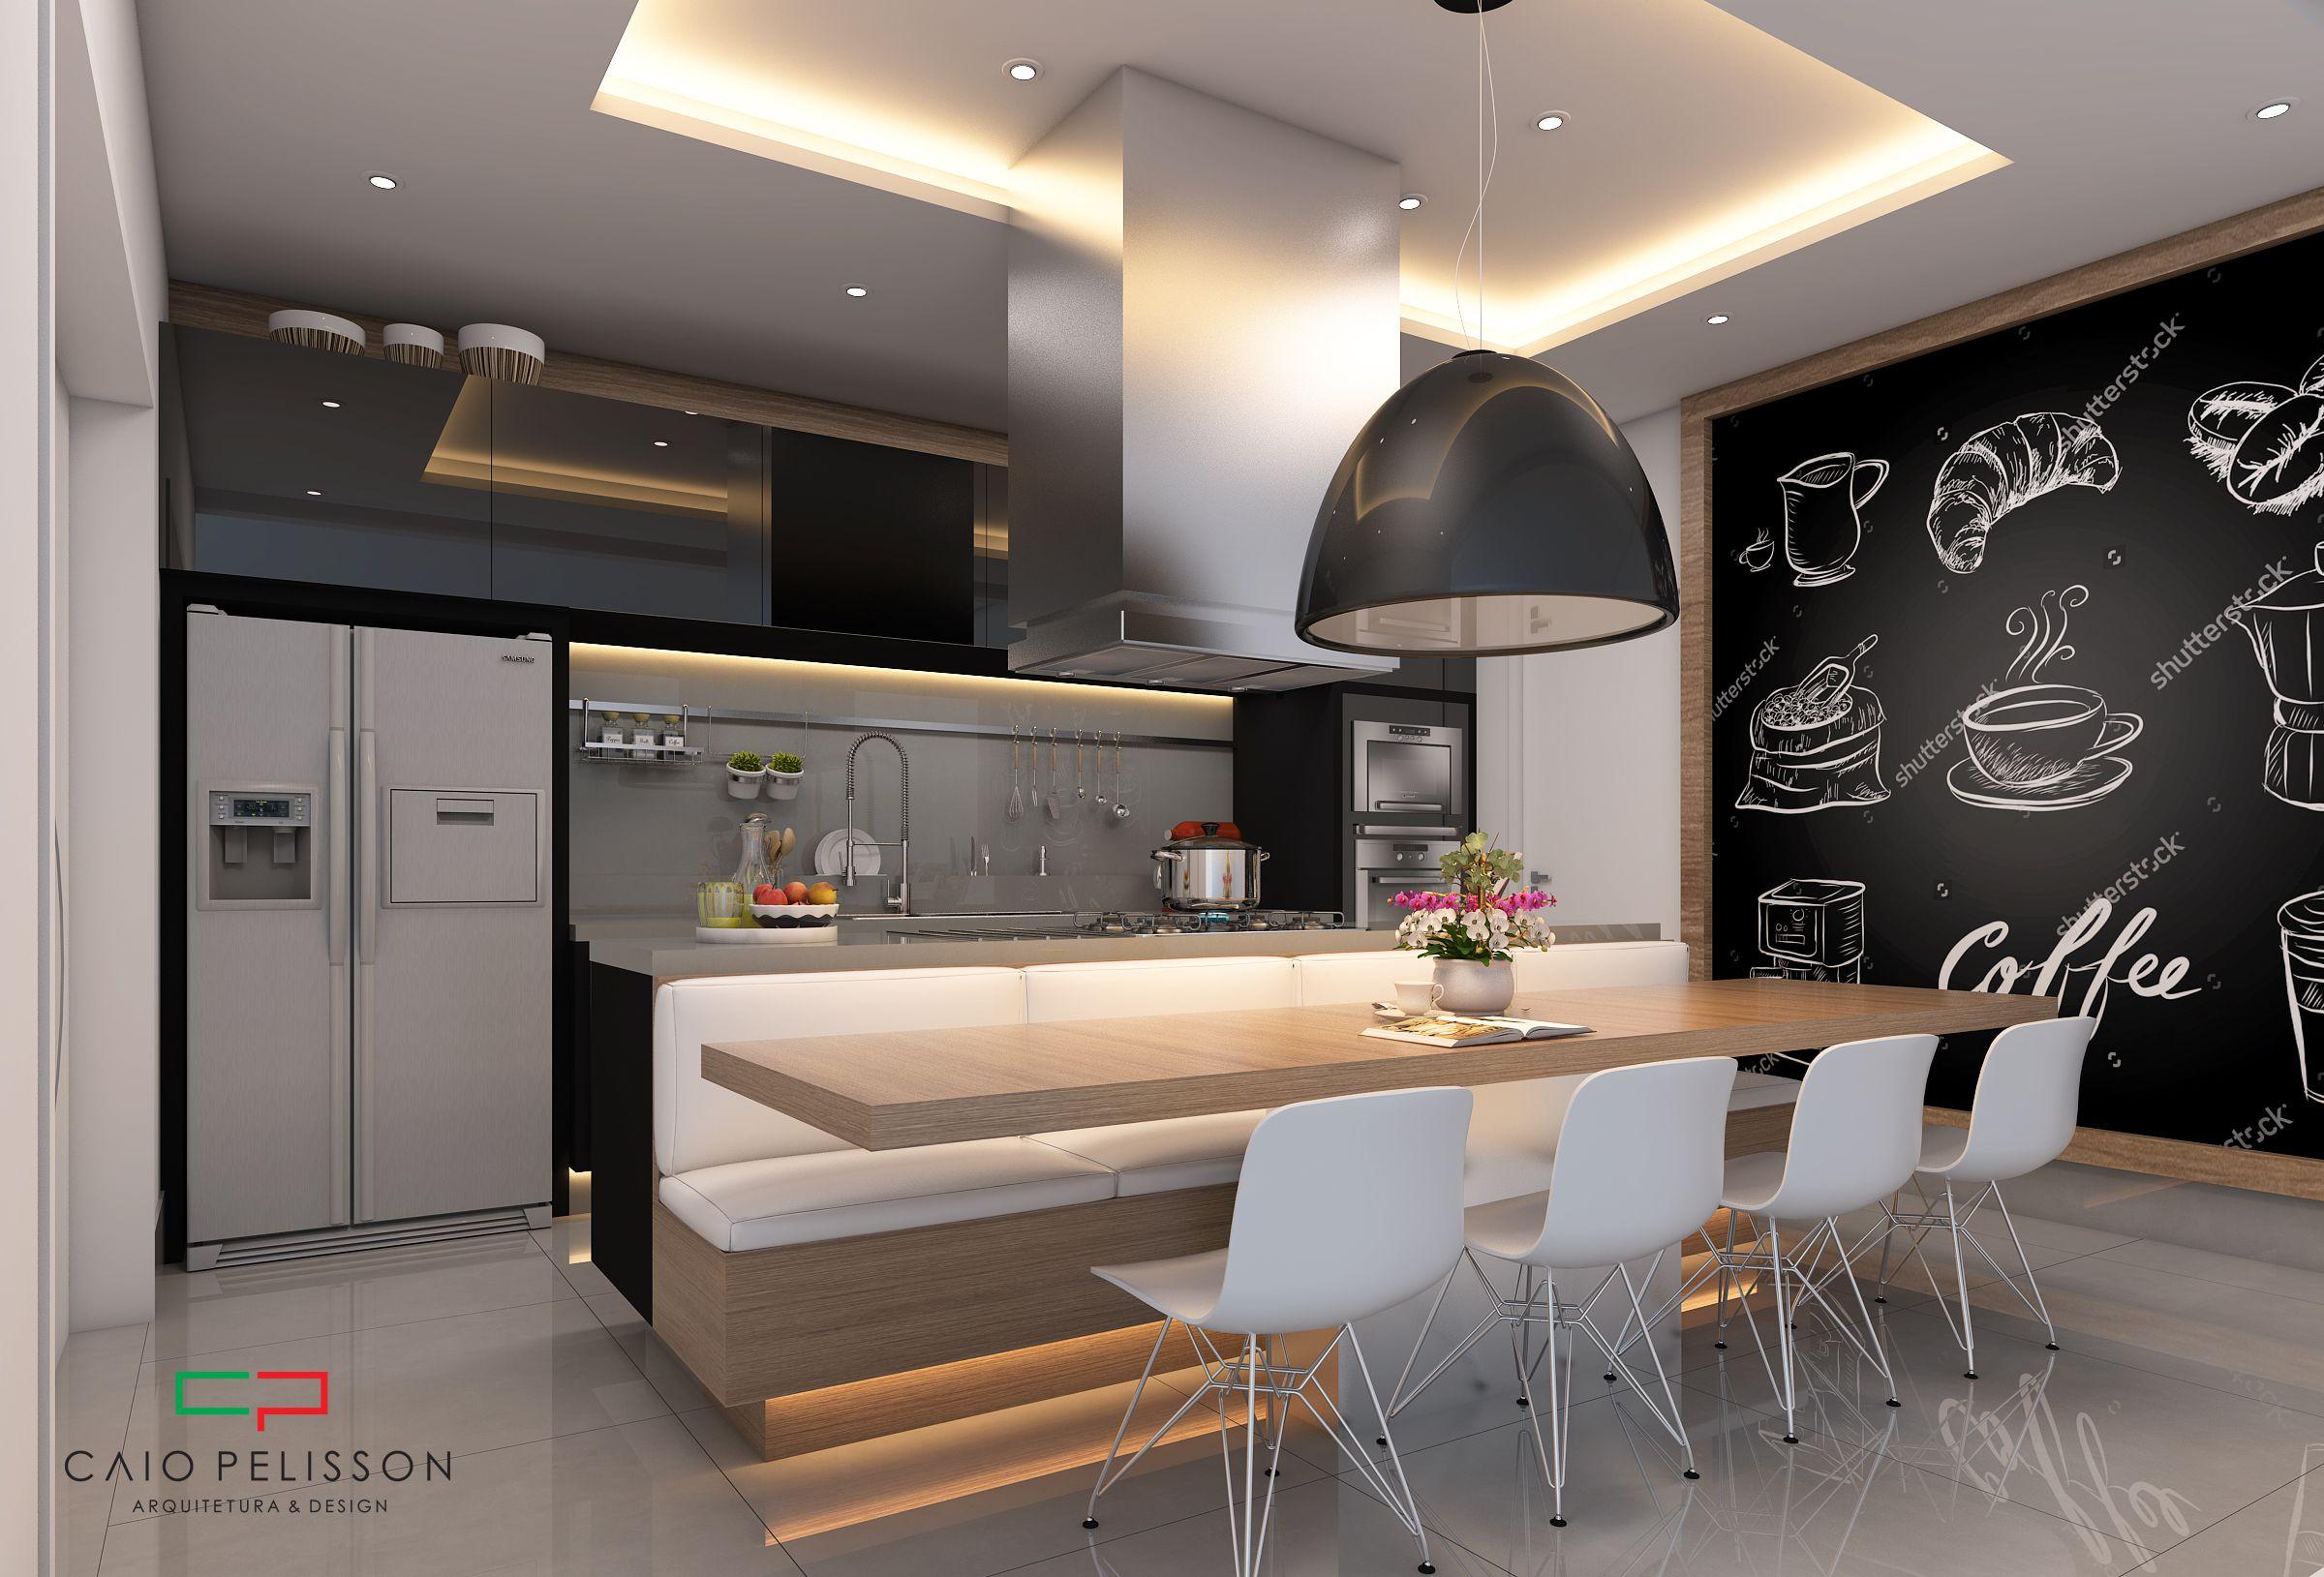 Ilha Com Mesa Cozinha Cozinha Gourmet Com Design E Convidativo A